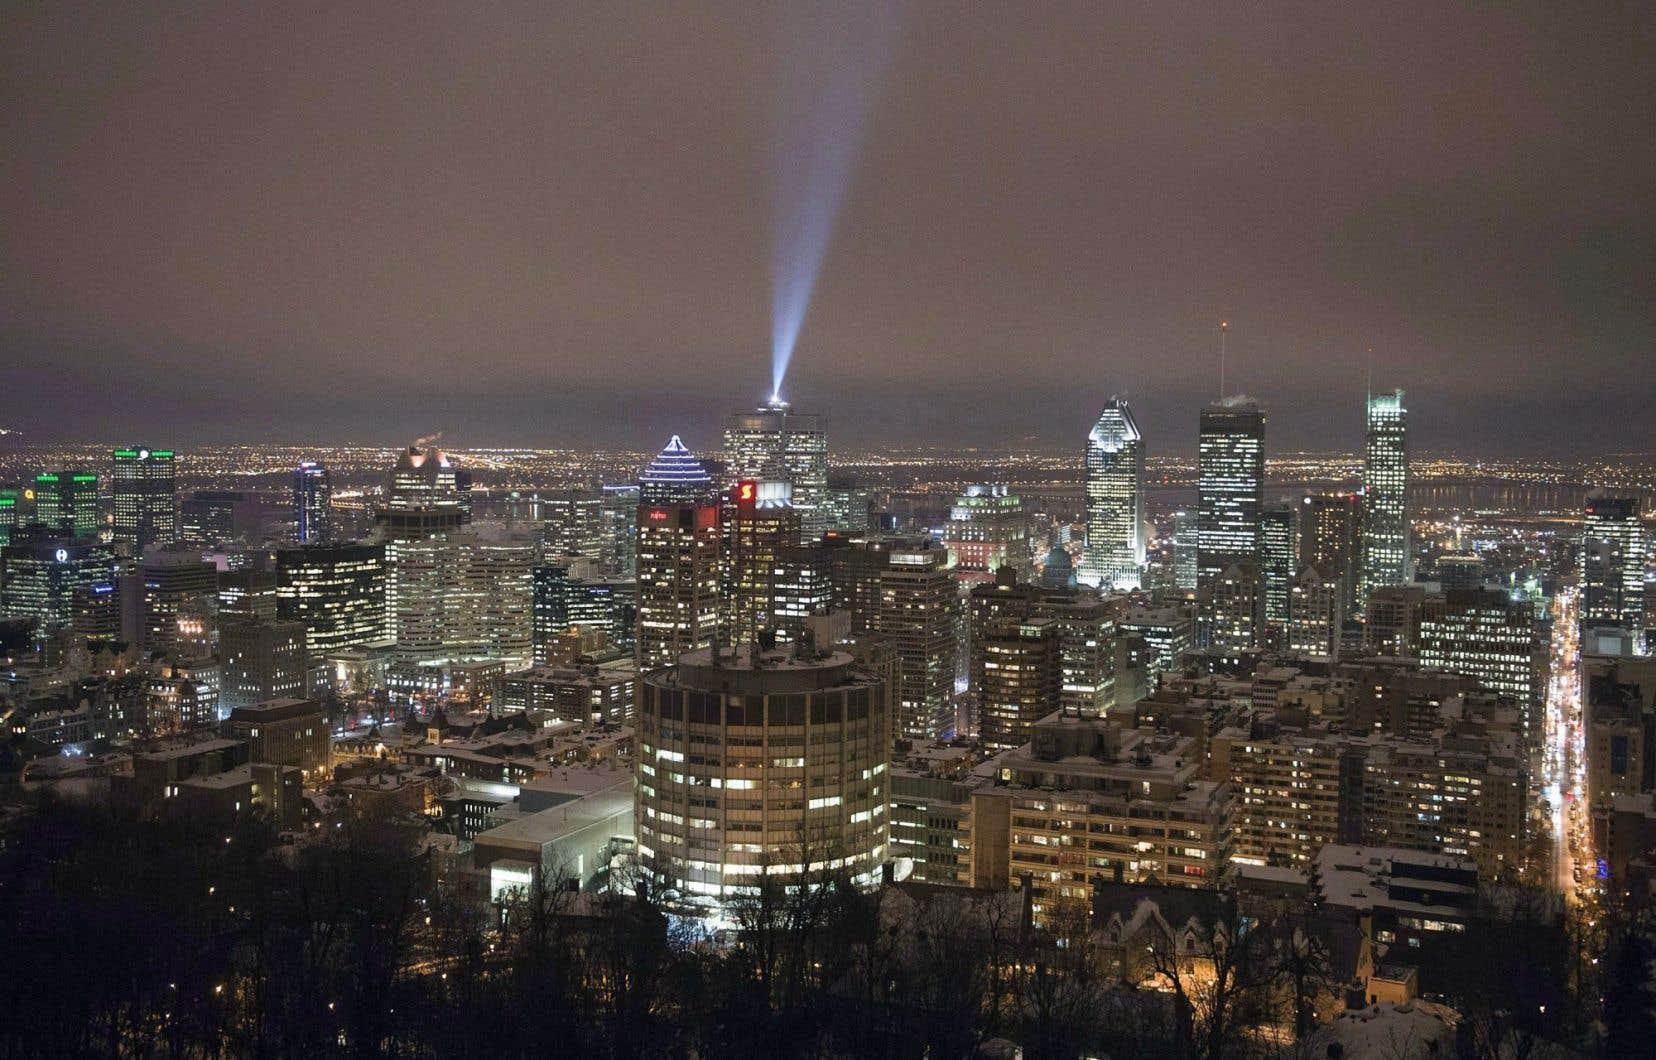 « De façon générale, la croissance économique est un peu plus robuste que ce que prévoyait la Banque du Canada », selon l'économiste principal au Mouvement Desjardins, Benoît P. Durocher.